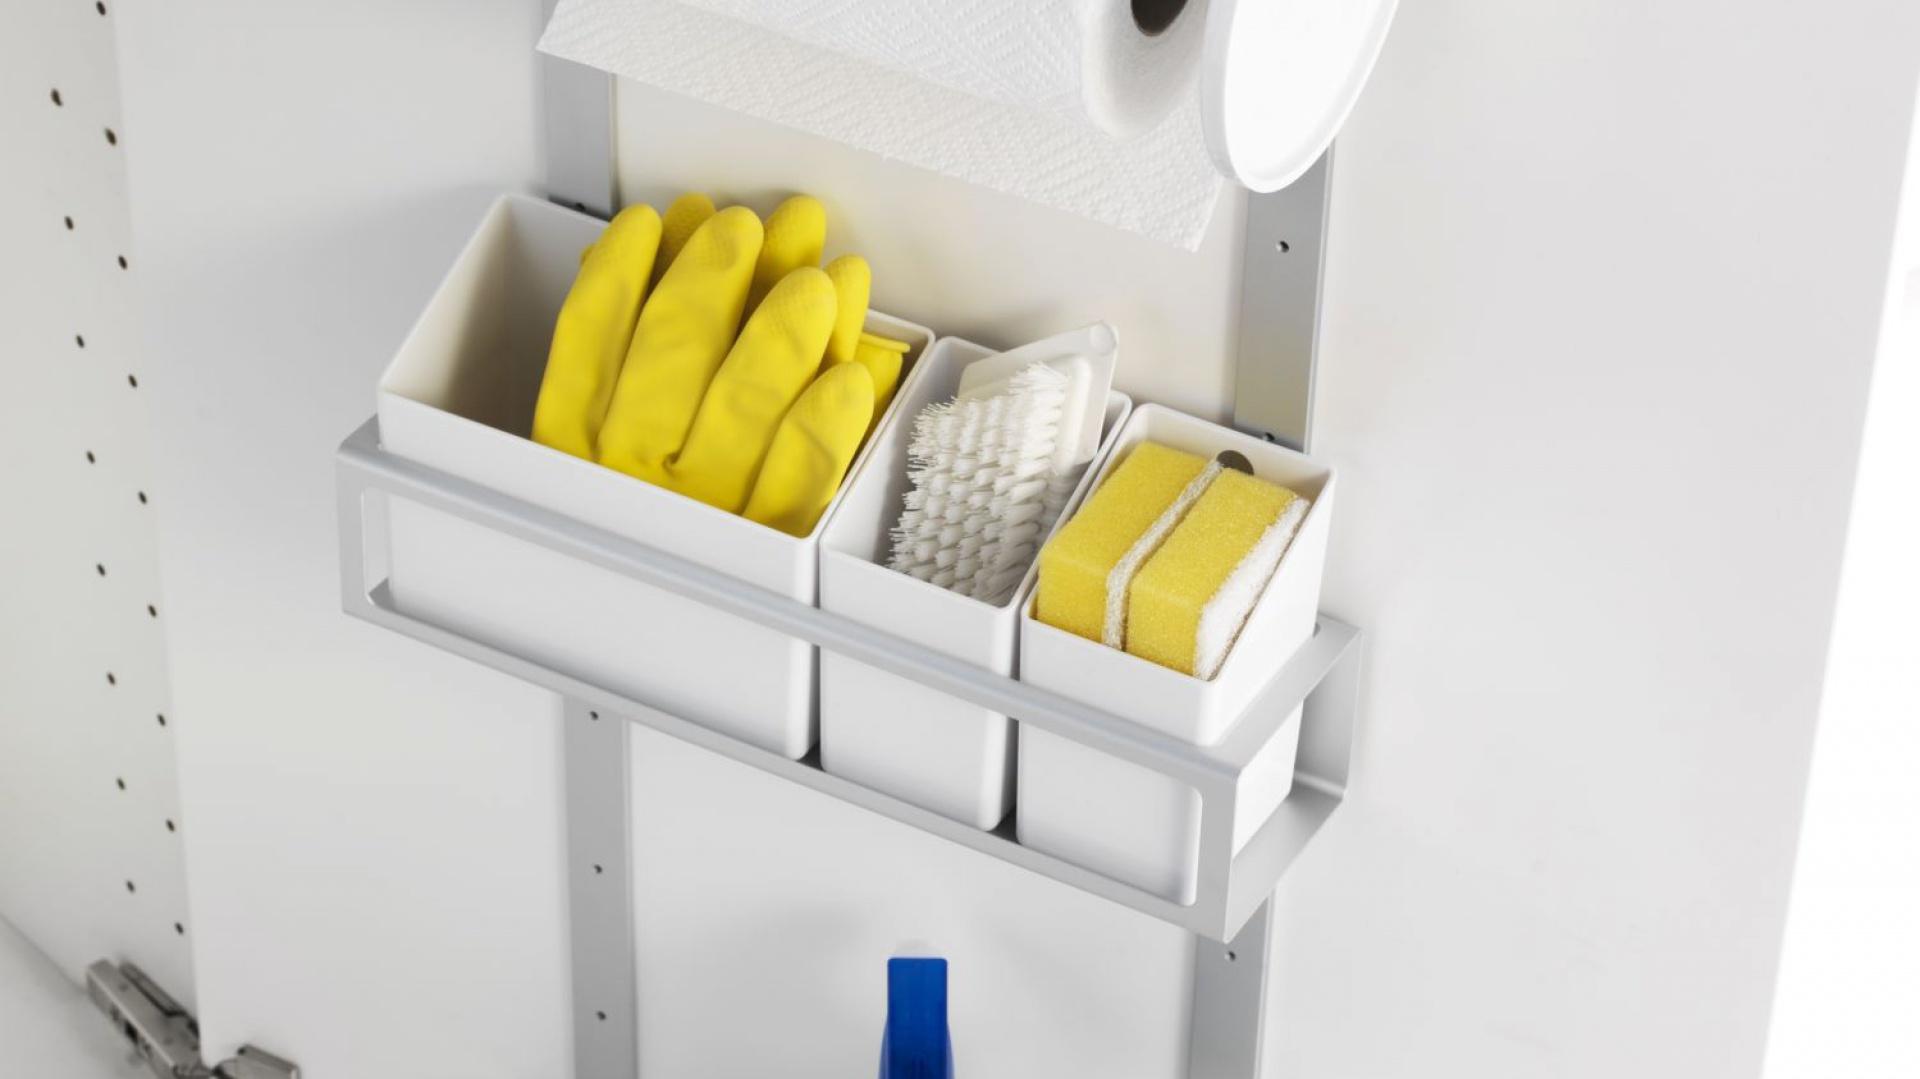 Przechowywanie W Kuchni 10 Praktycznych Rozwiazan